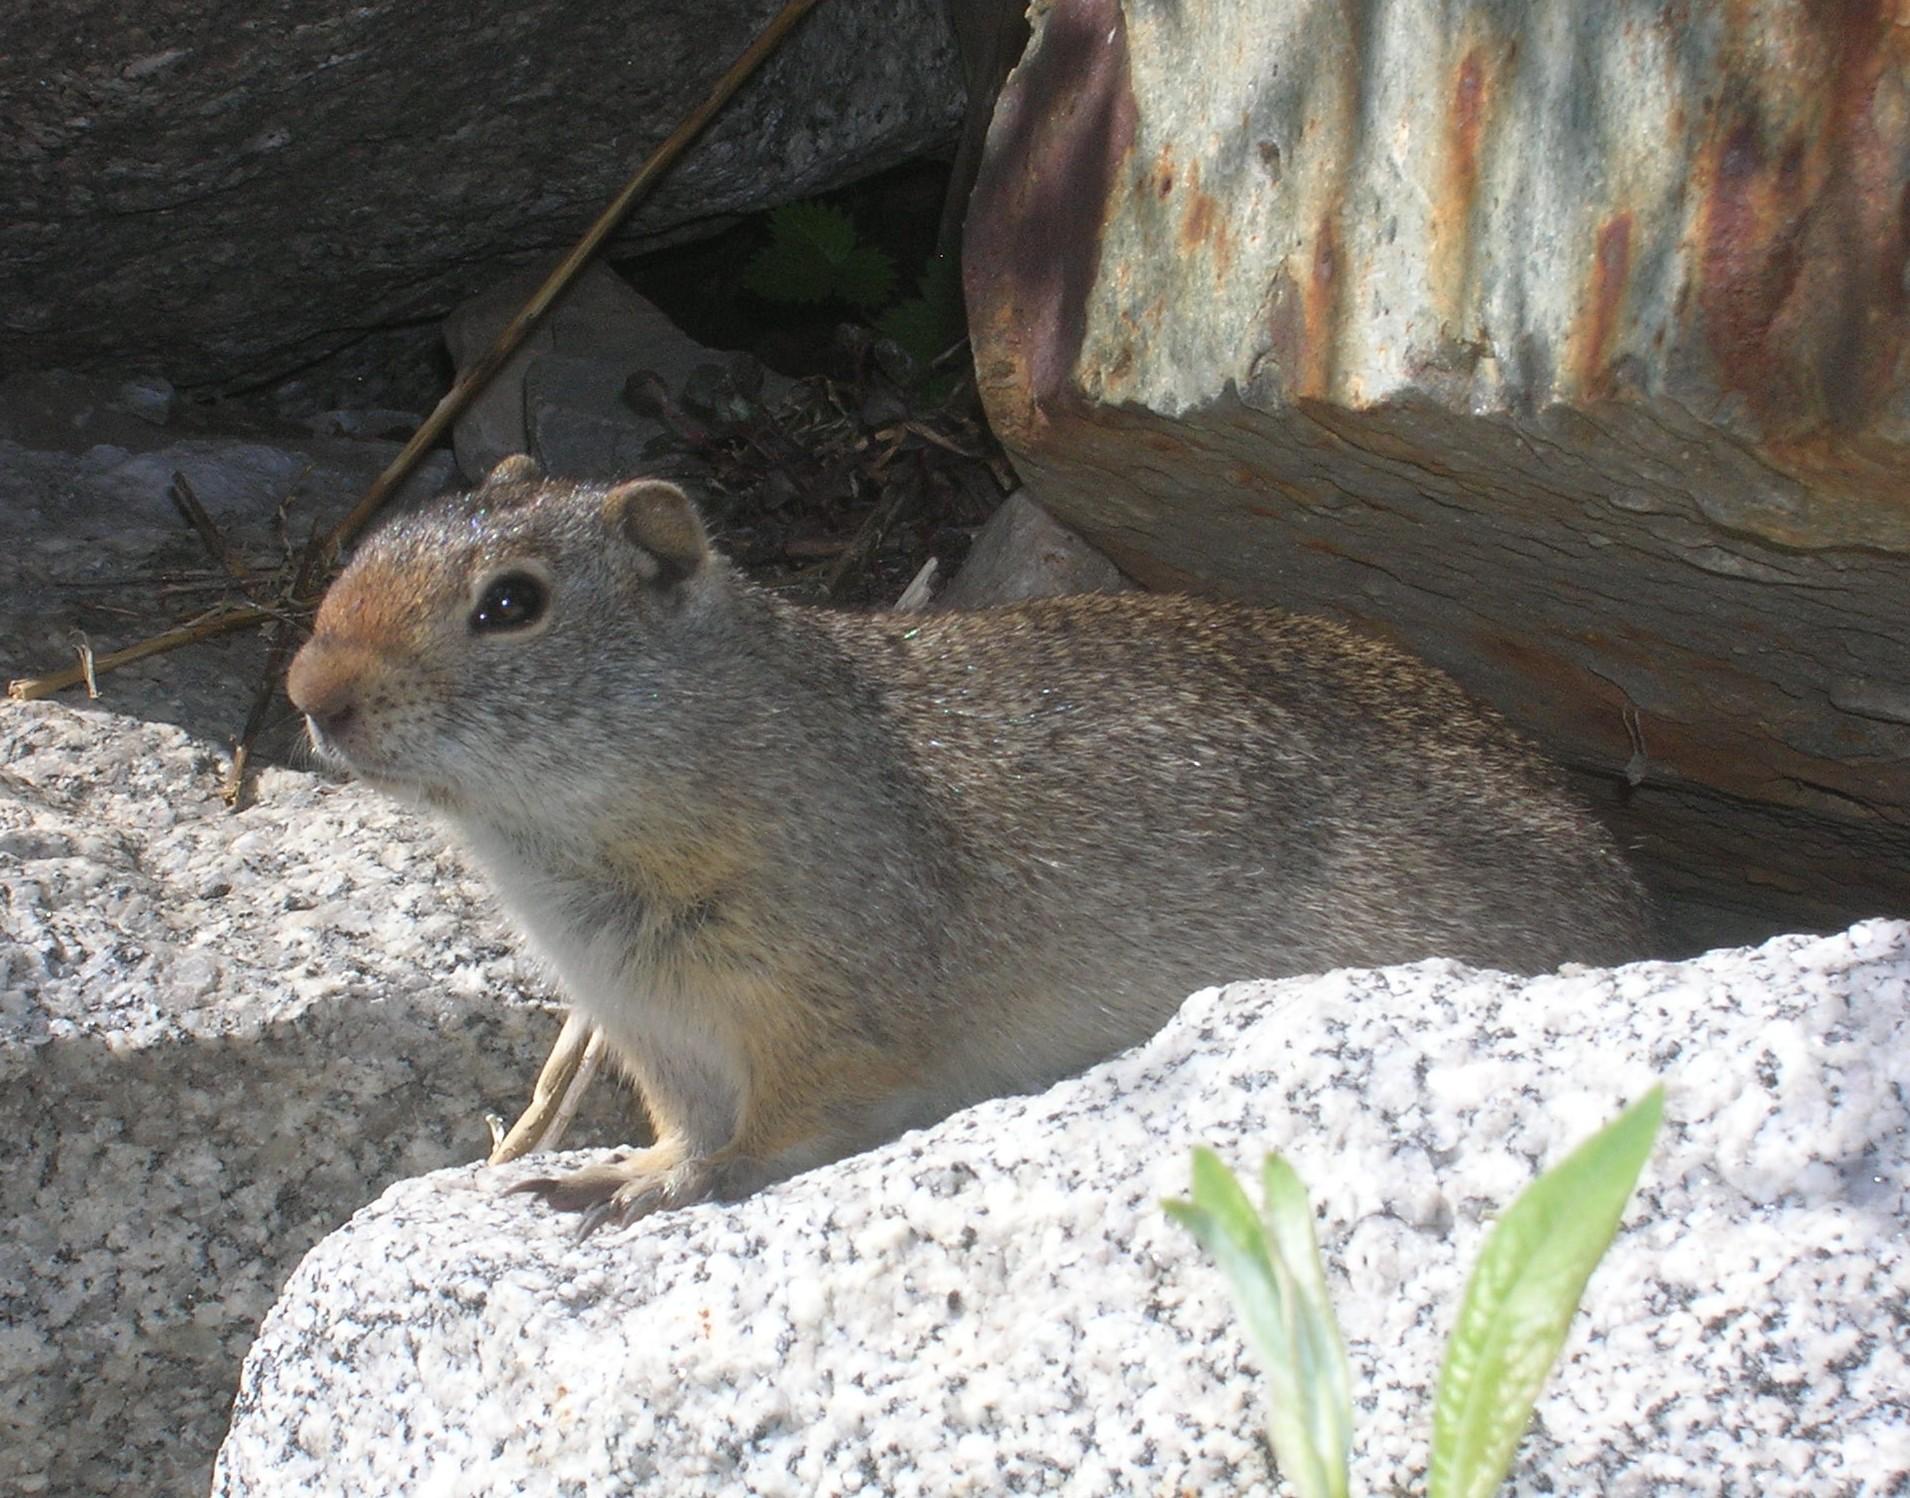 Uinta ground squirrel (Spermophilus armatus), Snowbird, Utah, June 2013.